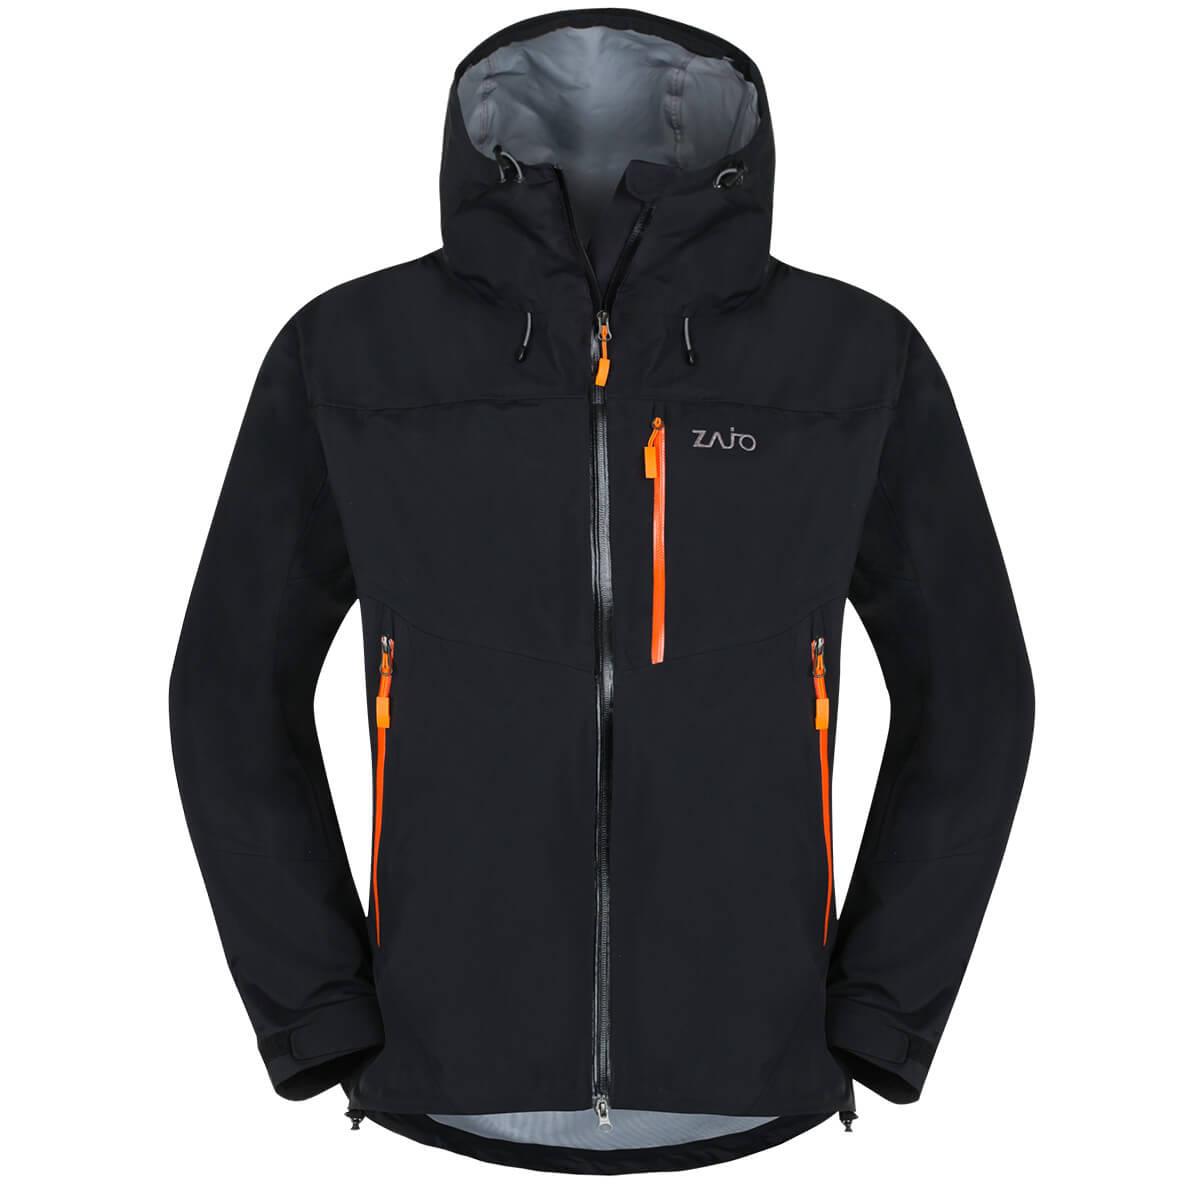 Pánska bunda Zajo Garmish JKT Black - veľkosť XS